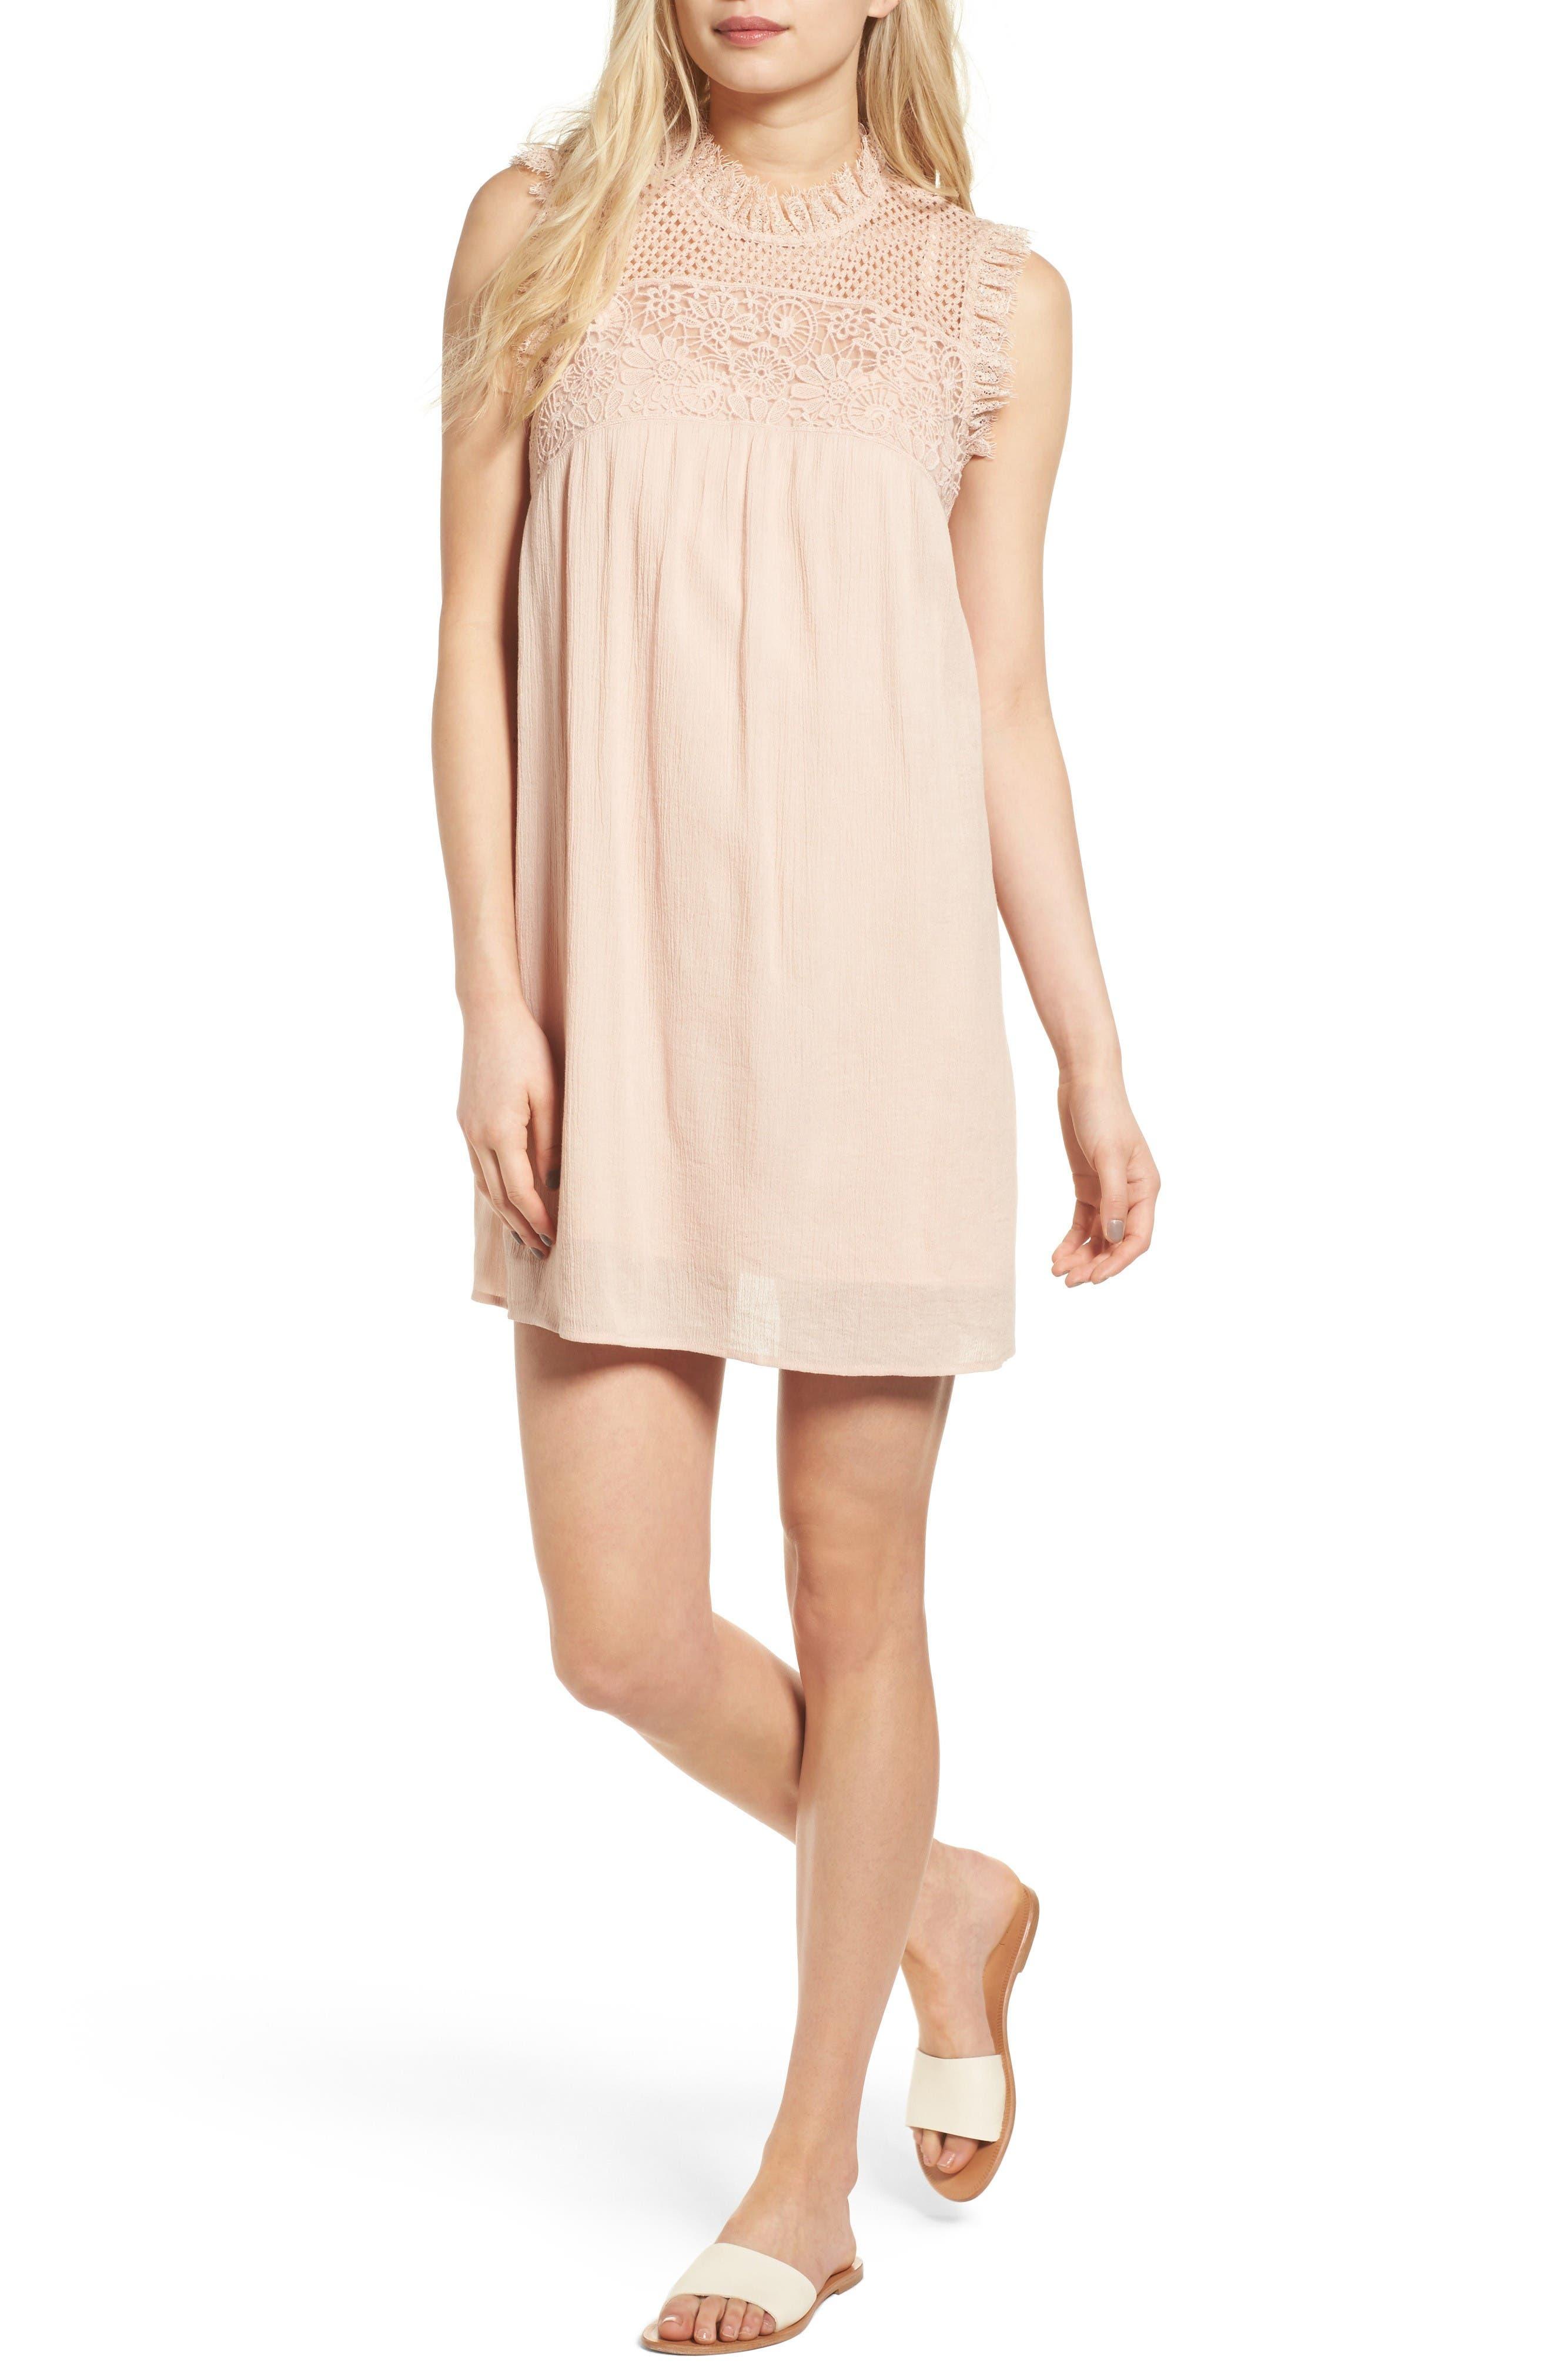 Alternate Image 1 Selected - Hinge Lace Yoke Babydoll Dress